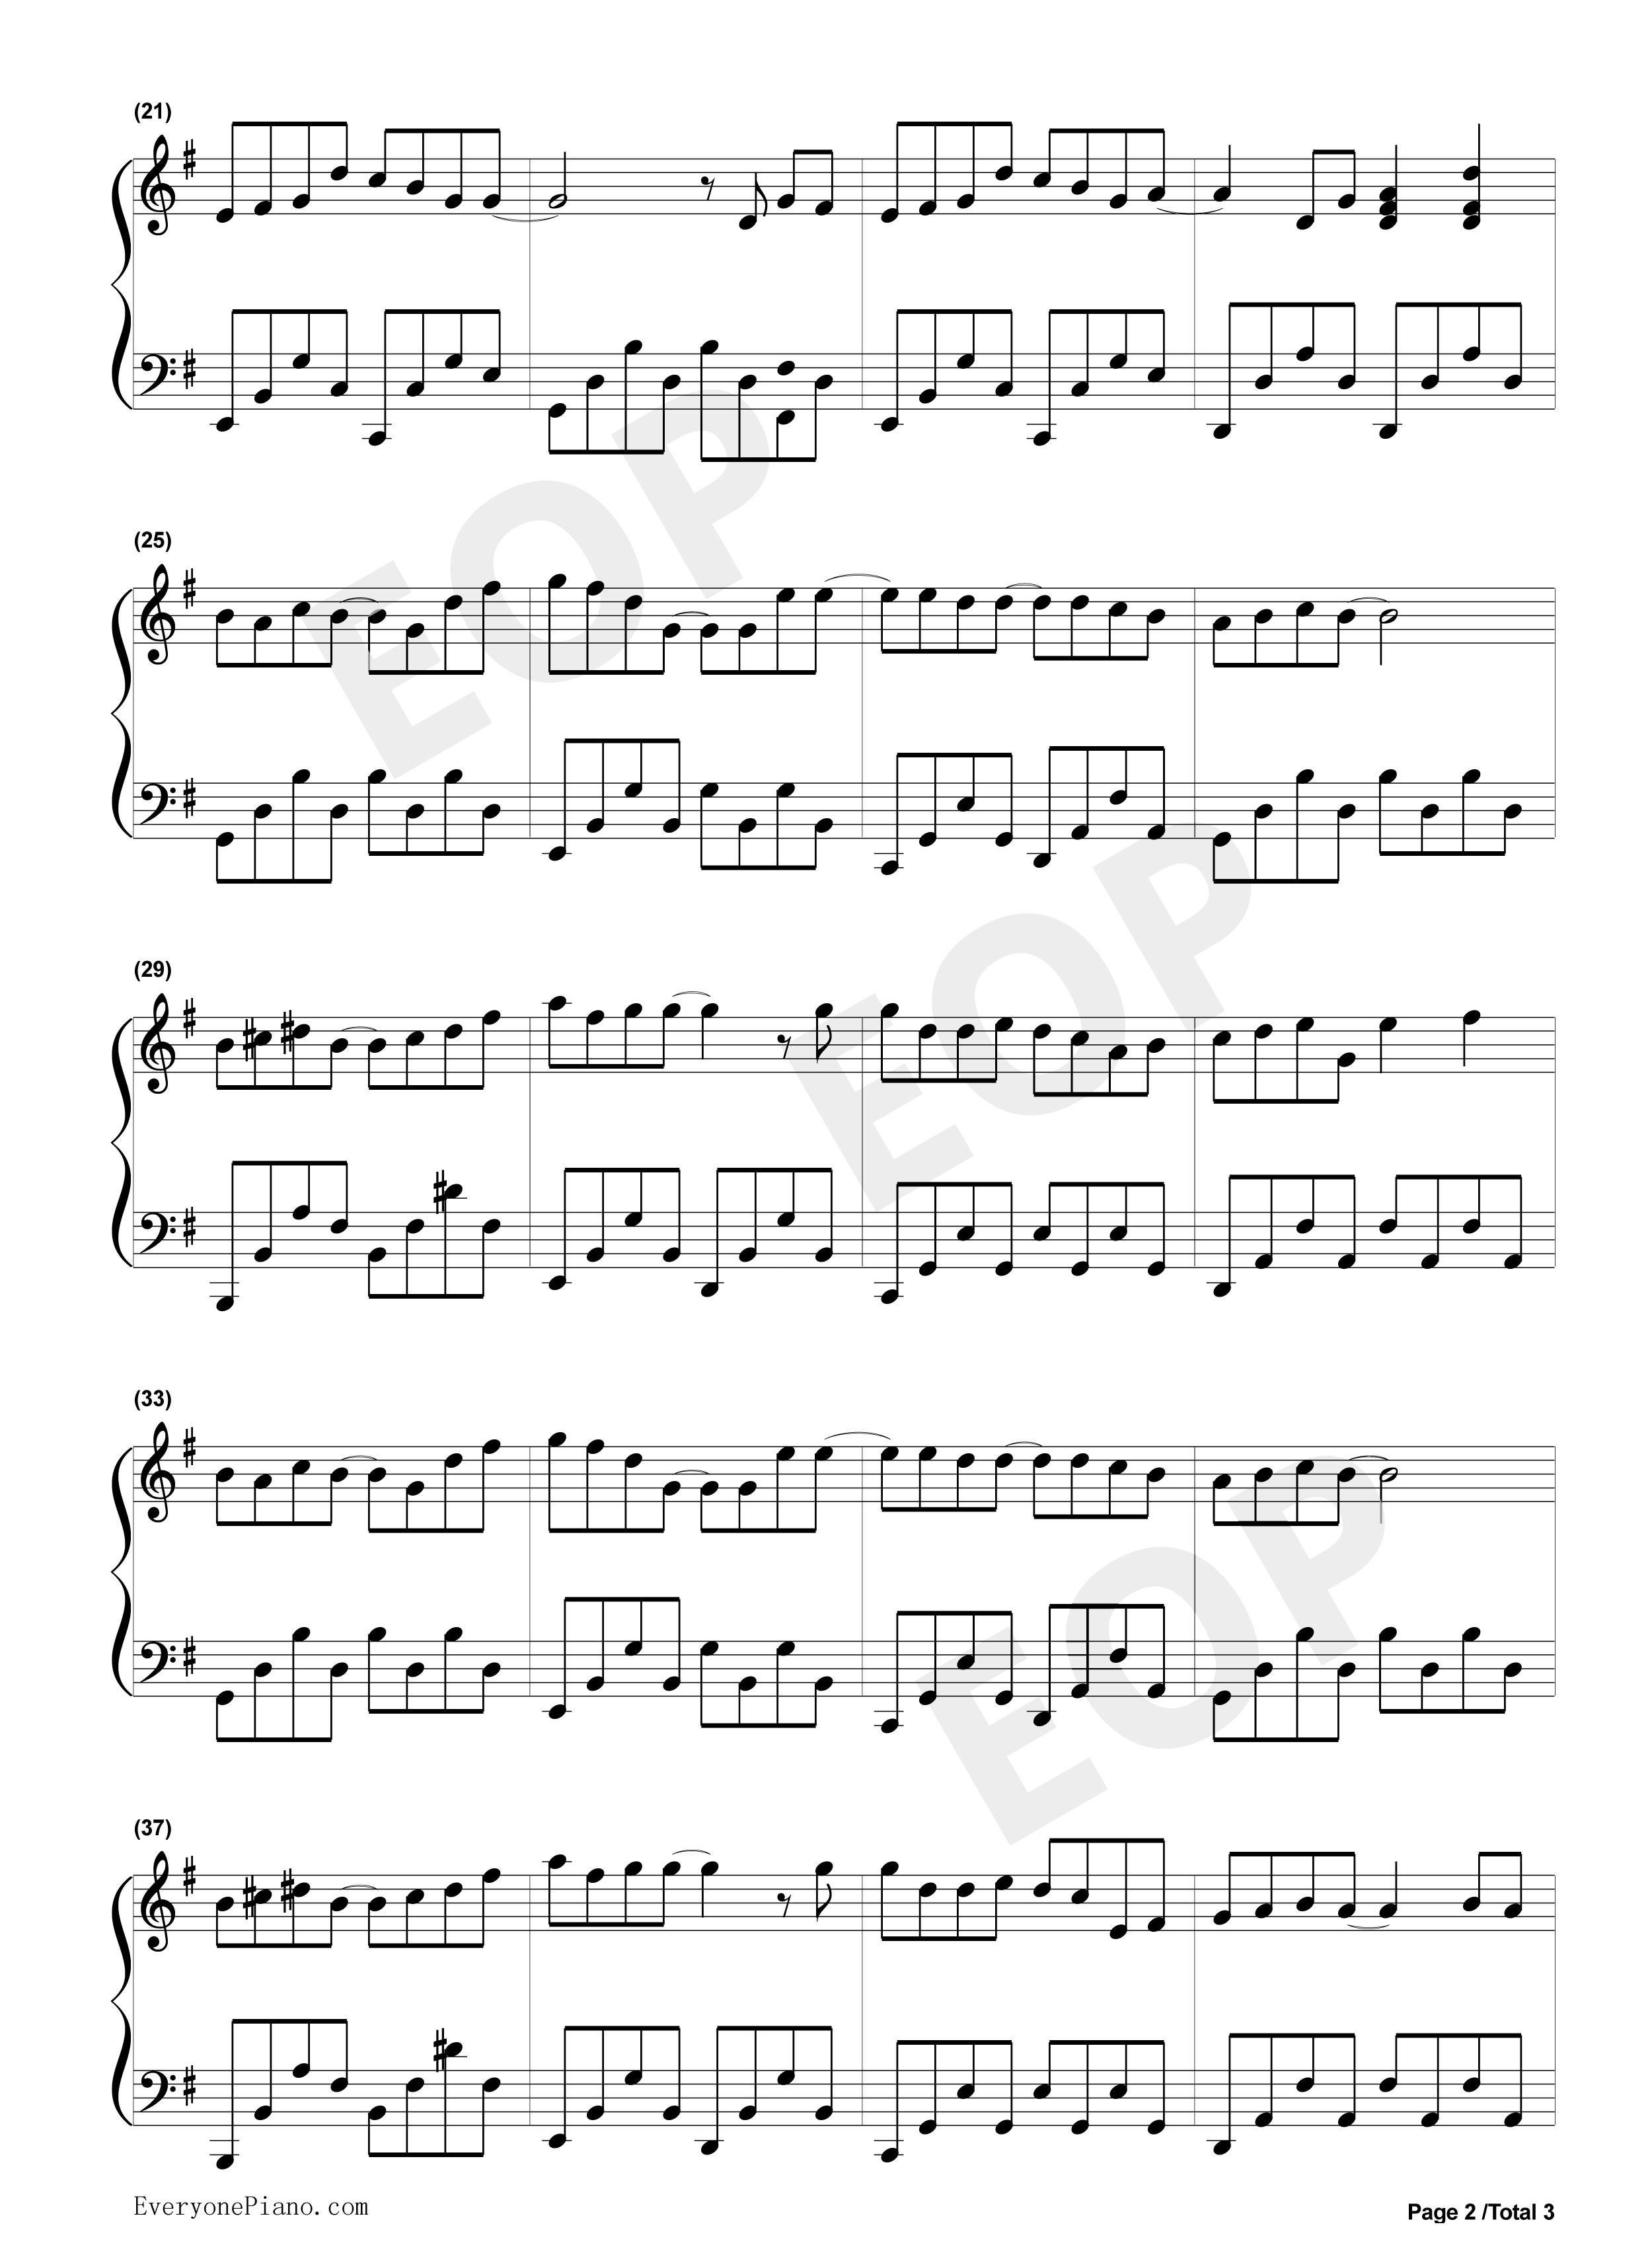 晴天五线谱预览2-钢琴谱(五线谱,双手简谱)免费下载